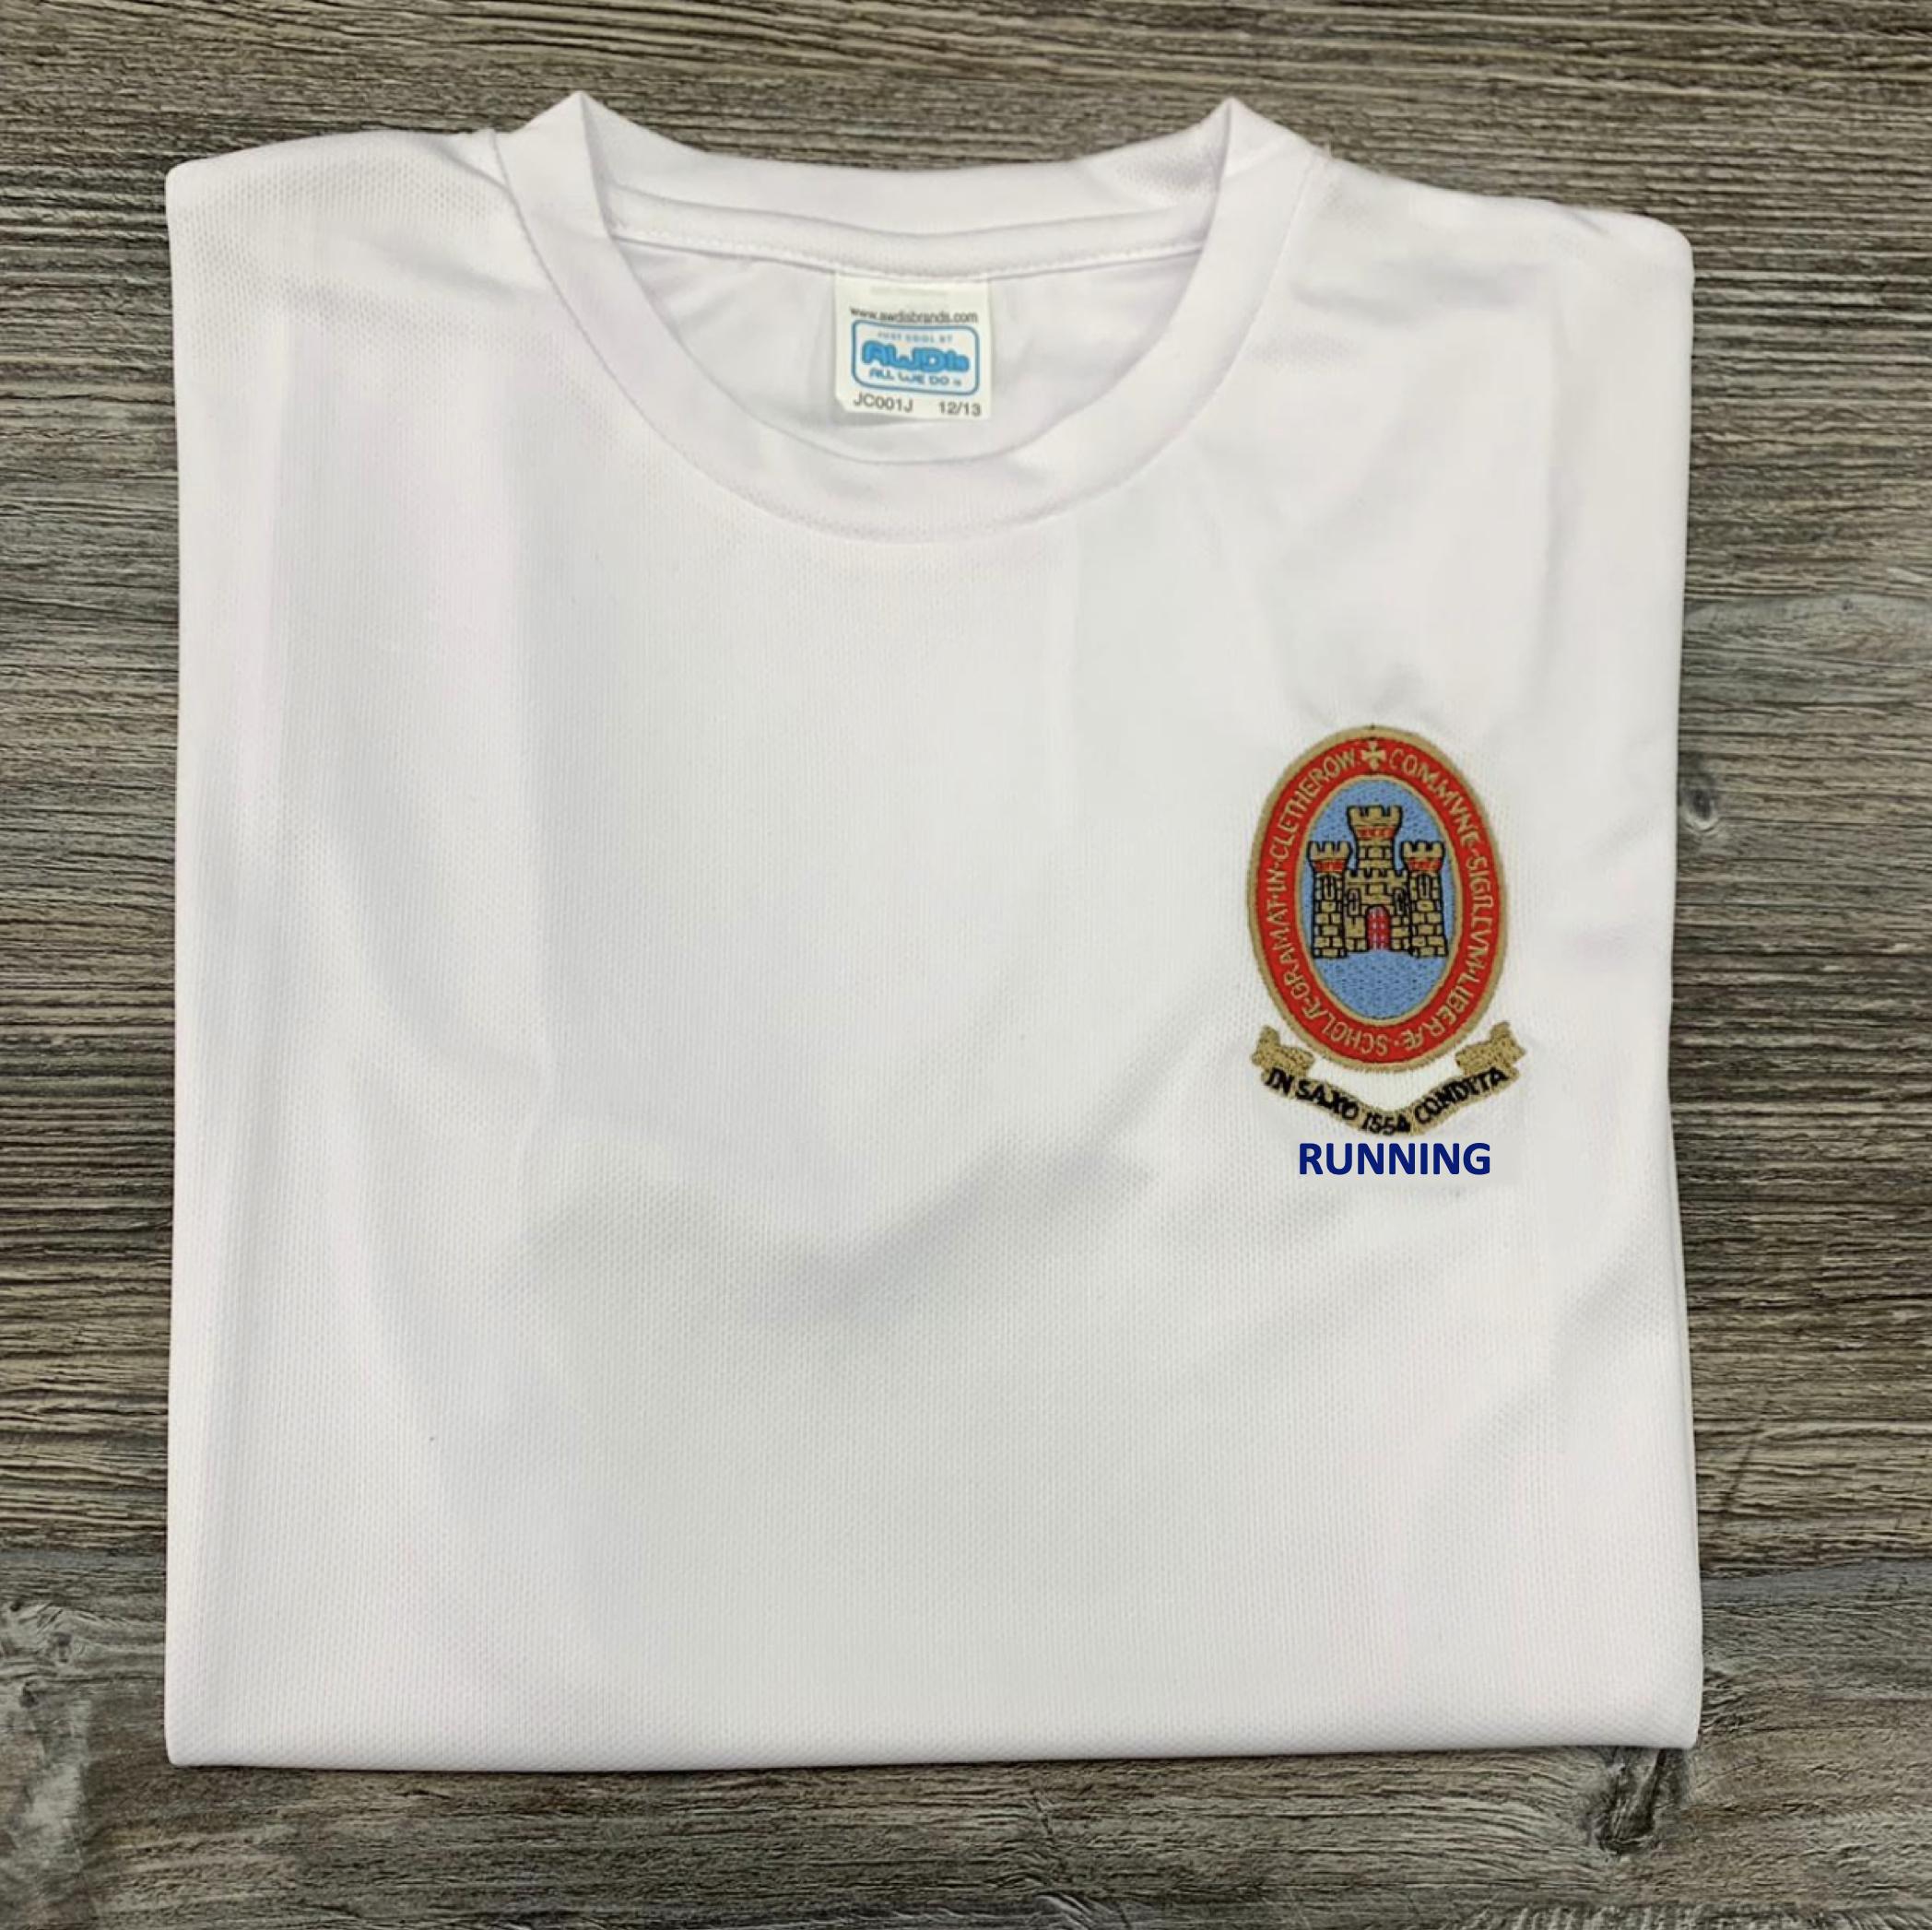 CRGS Running T-Shirt